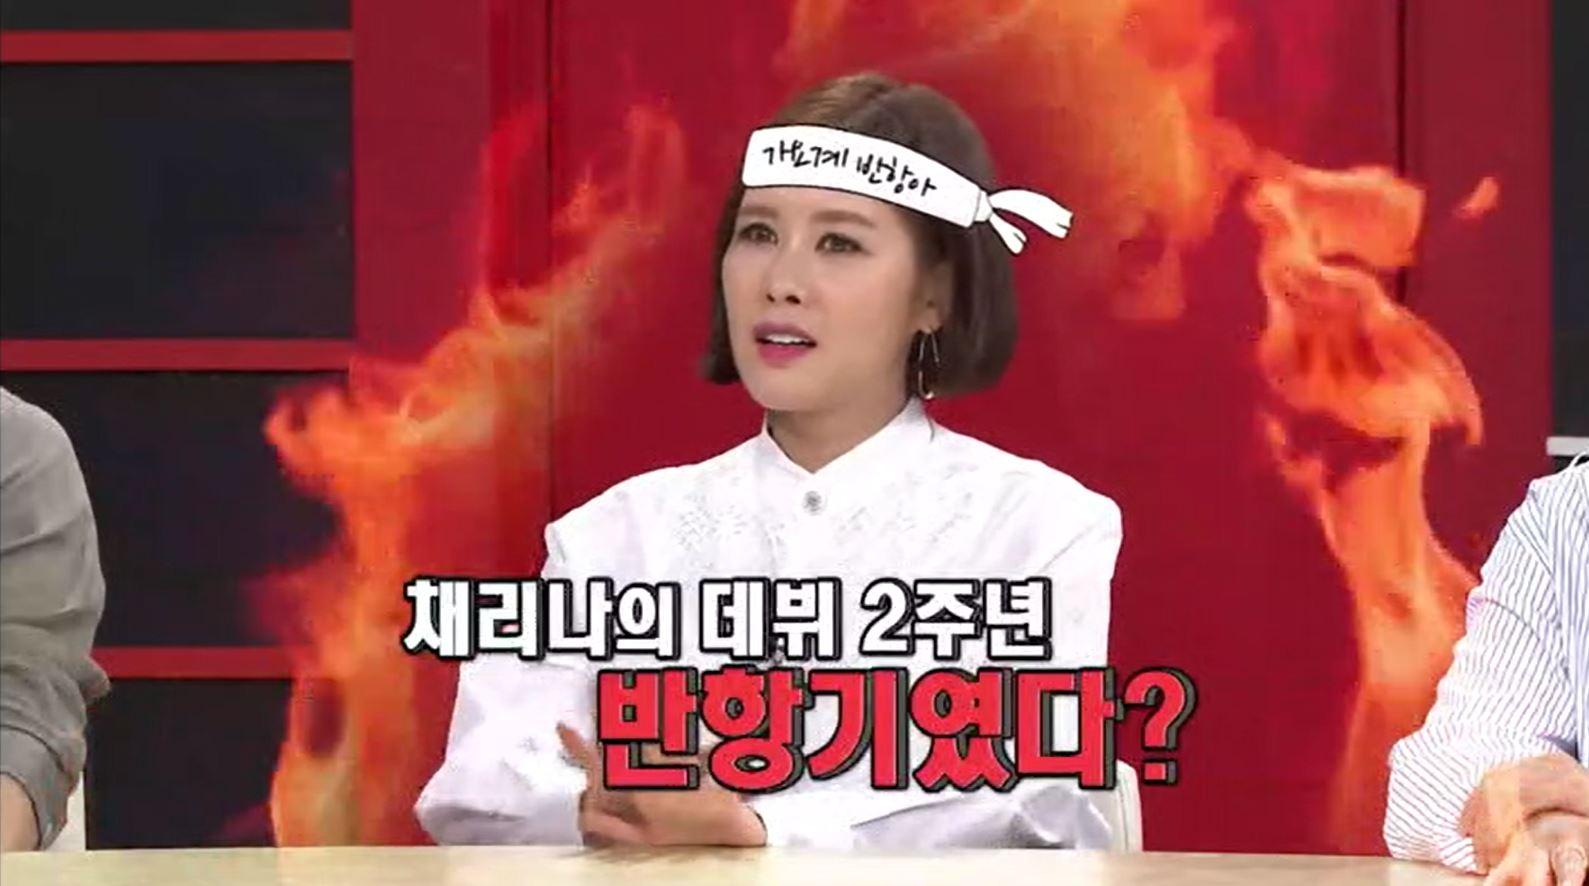 '비디오스타' 채리나, 데뷔 2주년이 반항기였다? 화끈한 입담 자랑